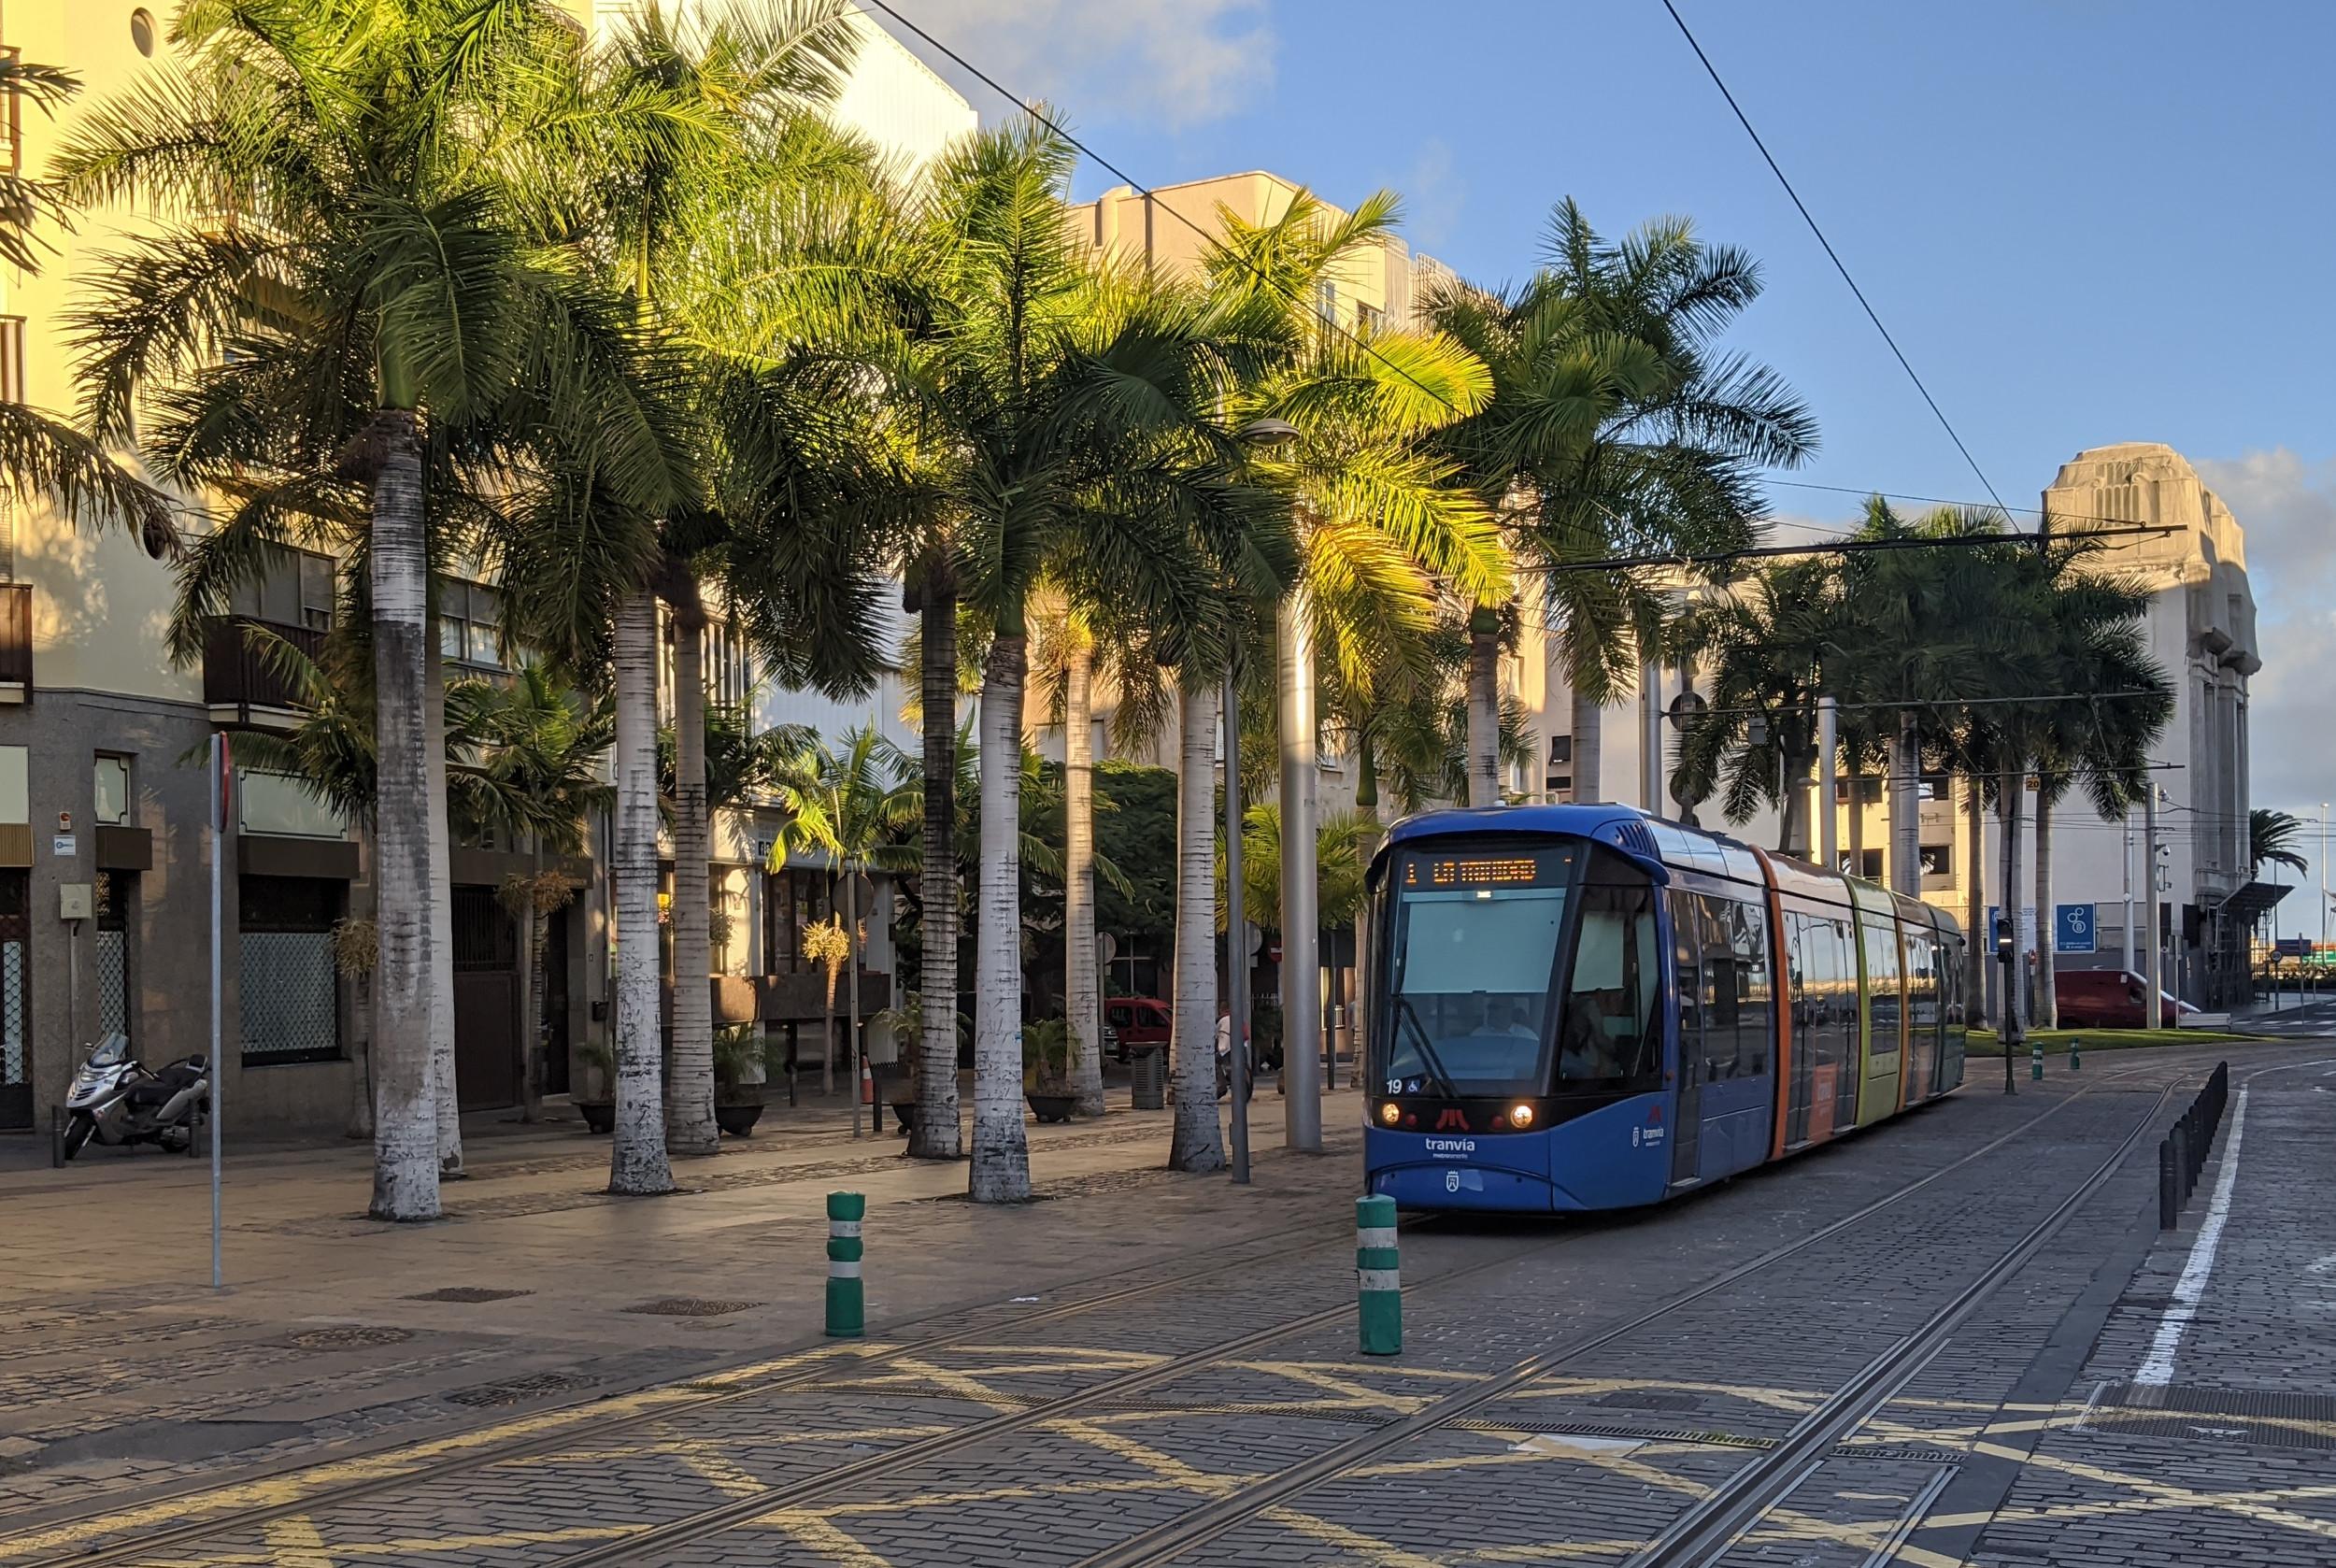 tram-mit-palmen.jpg